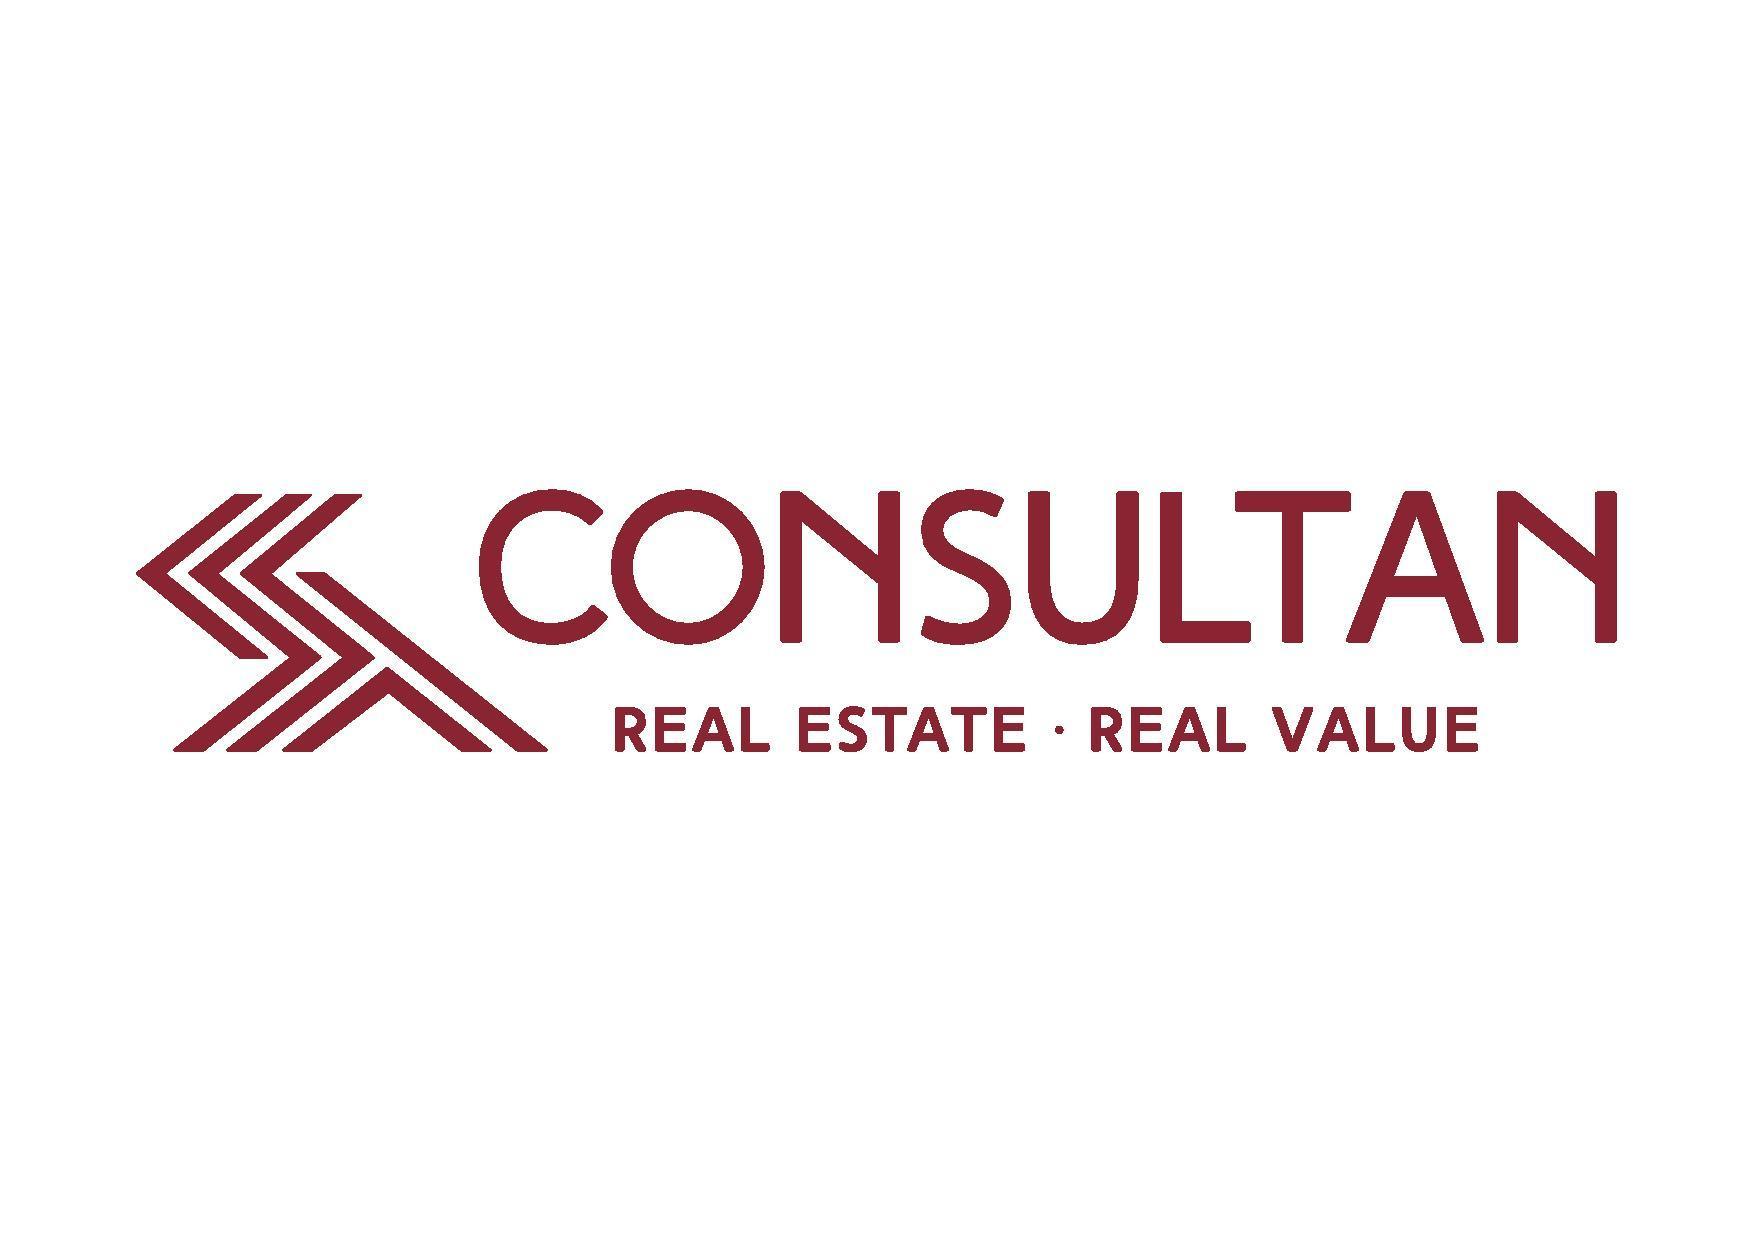 Consultan Portuguesa - Soc. Mediação Imobiliária, Lda.